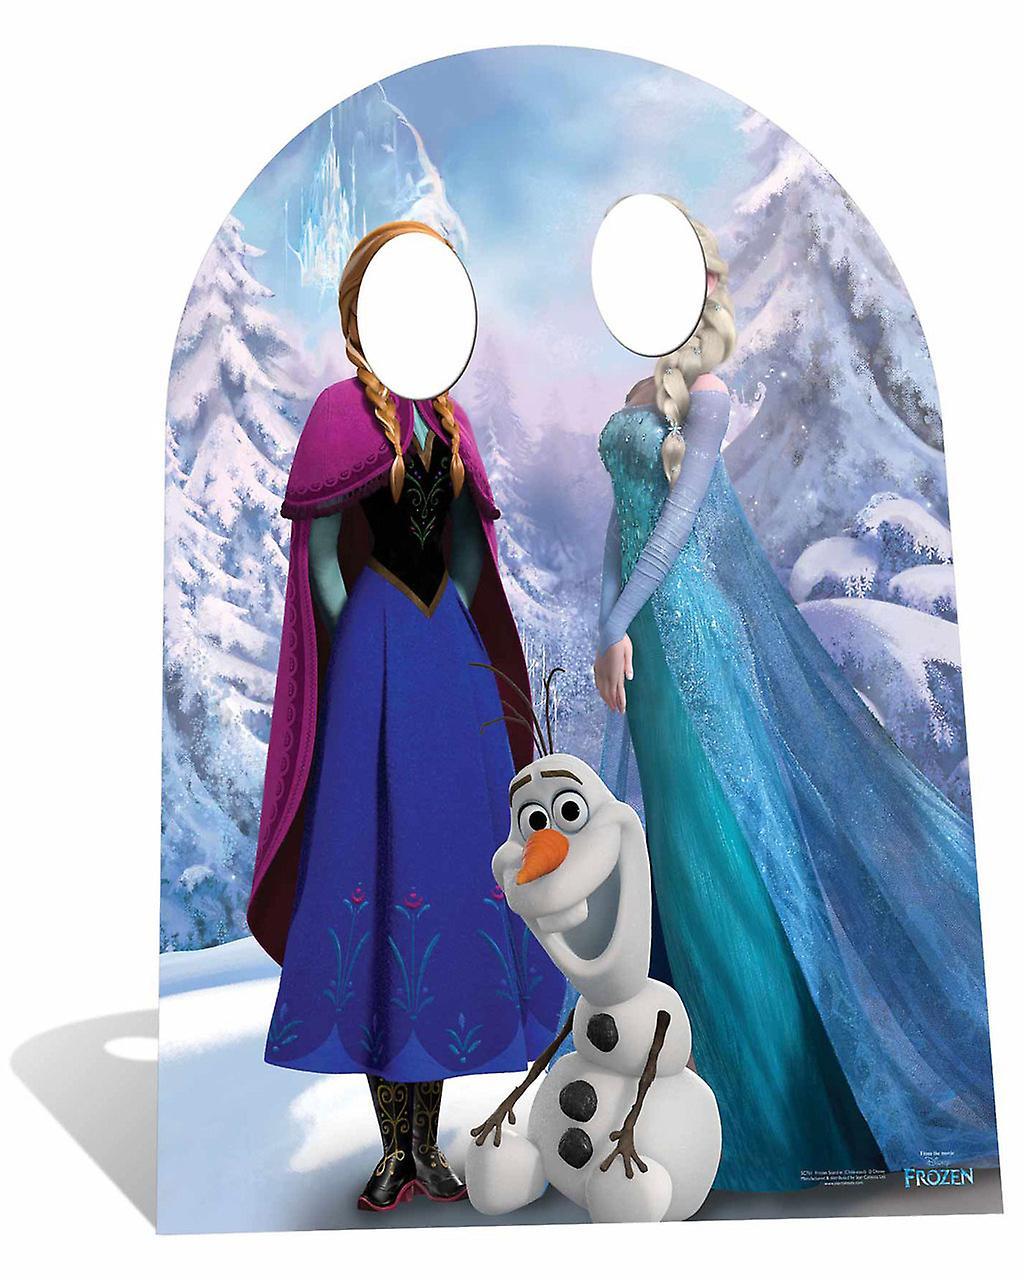 Cose che non conoscete su frozen movie for kids movie